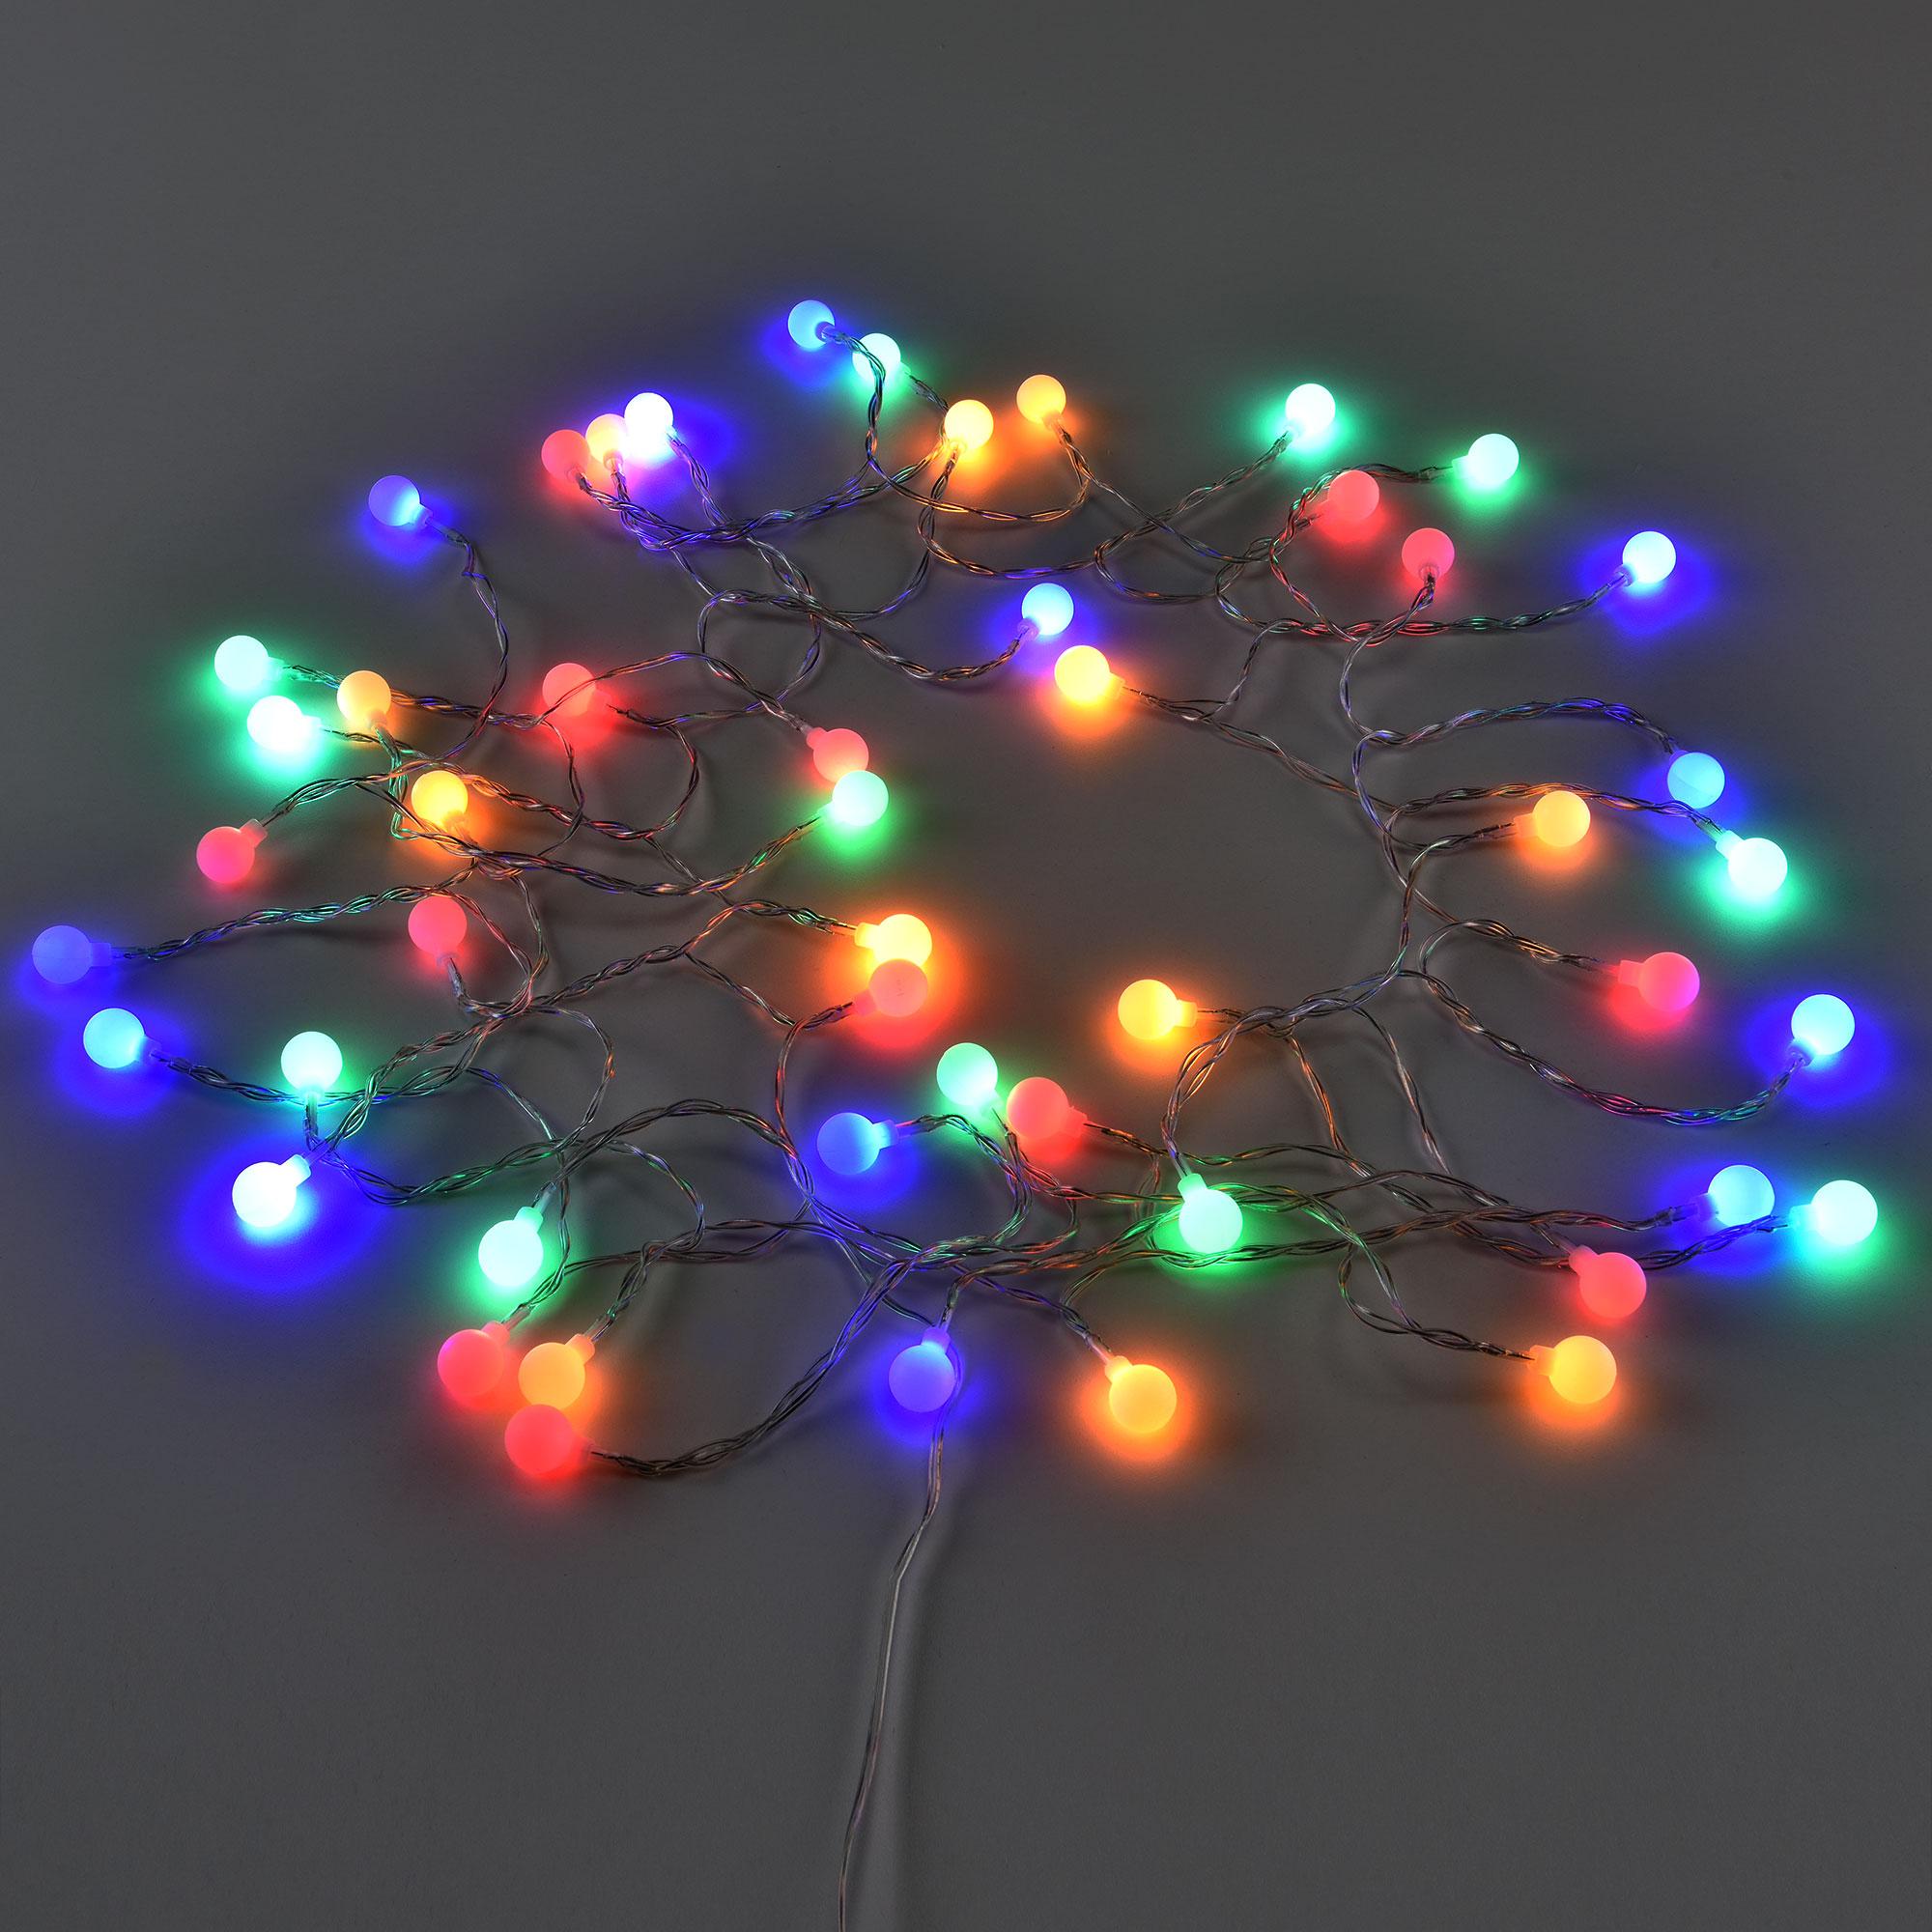 led rentier weihnachts deko beleuchtung acryl licht weihnachten figur ebay. Black Bedroom Furniture Sets. Home Design Ideas